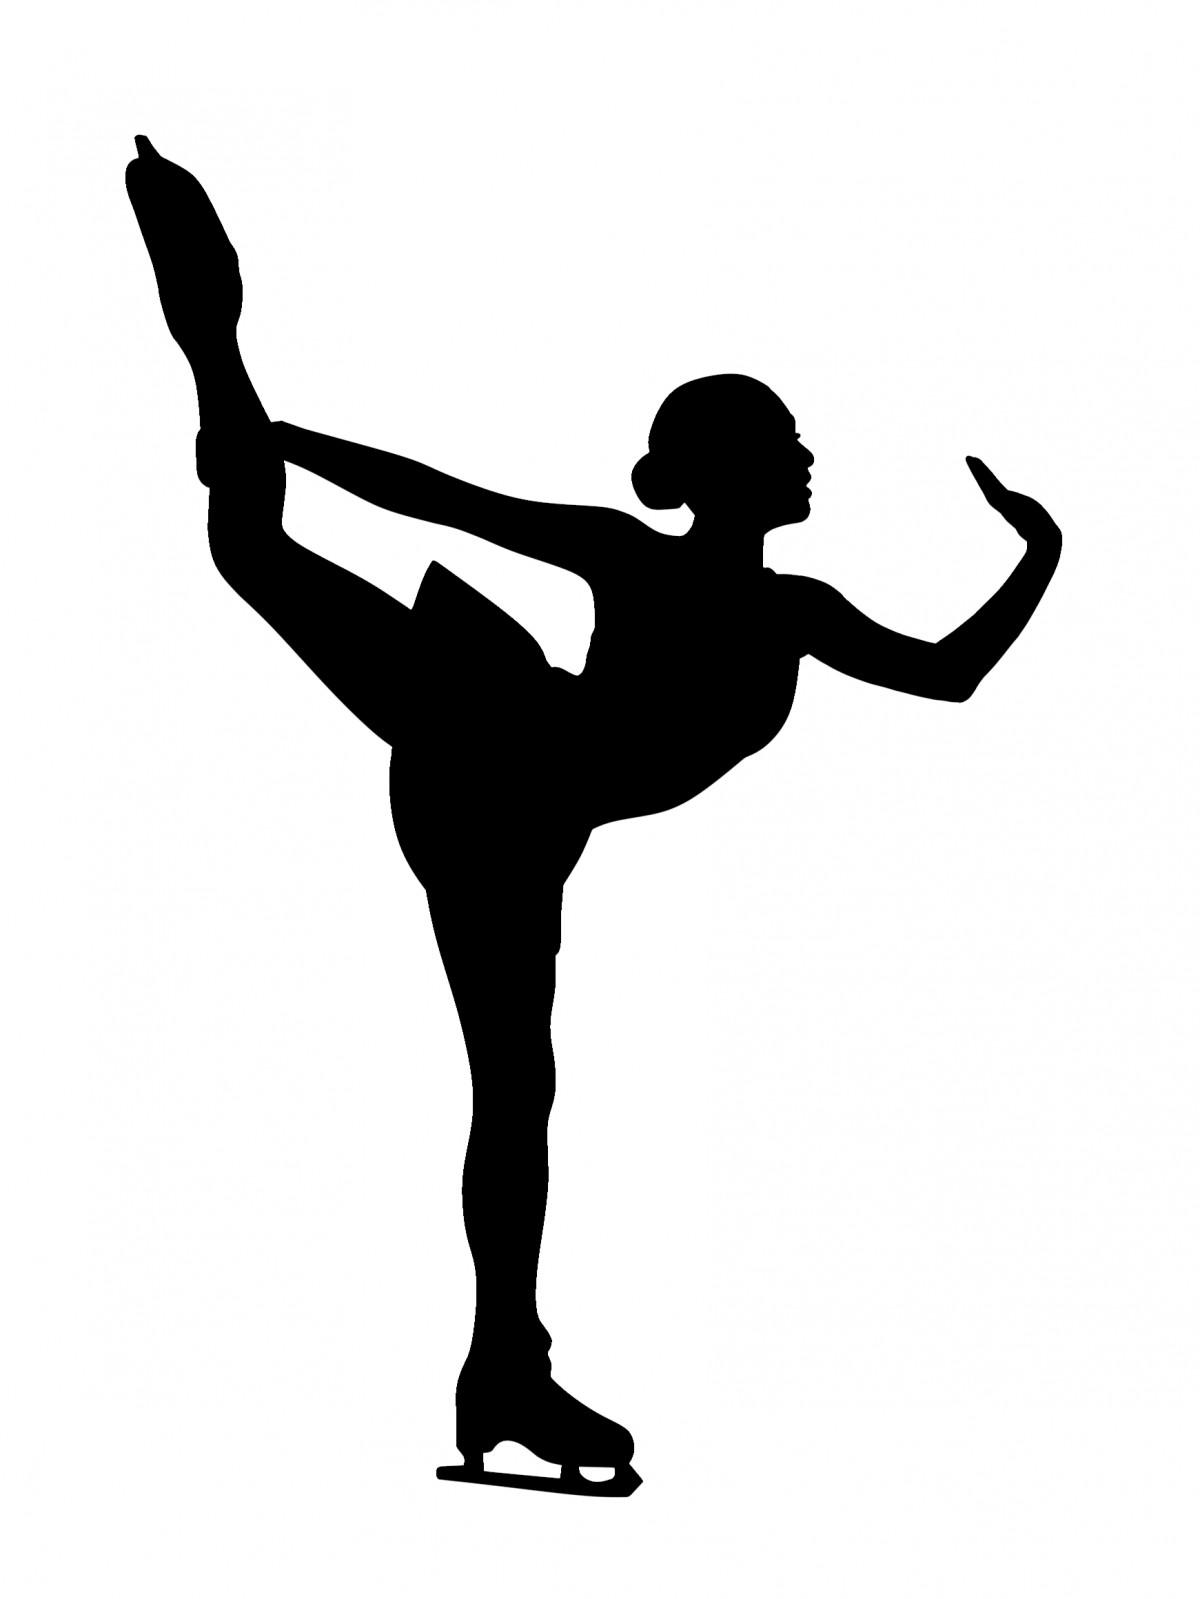 seznamka baletních tanečníků indie speed dating london